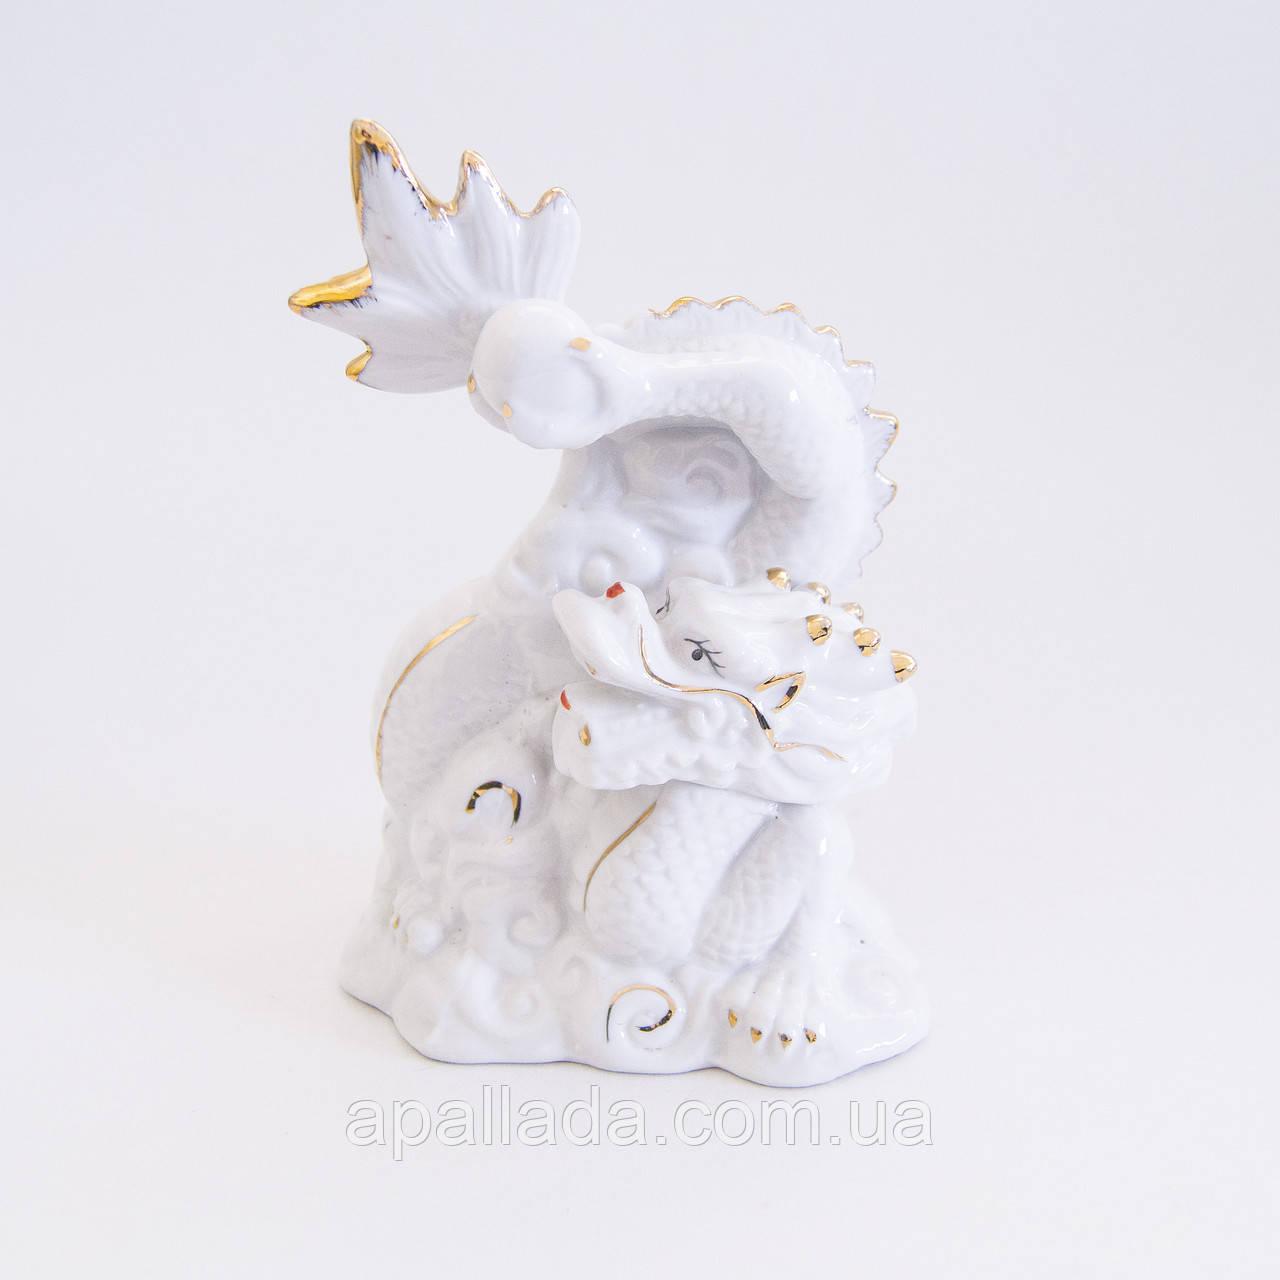 Статуетка Дракон